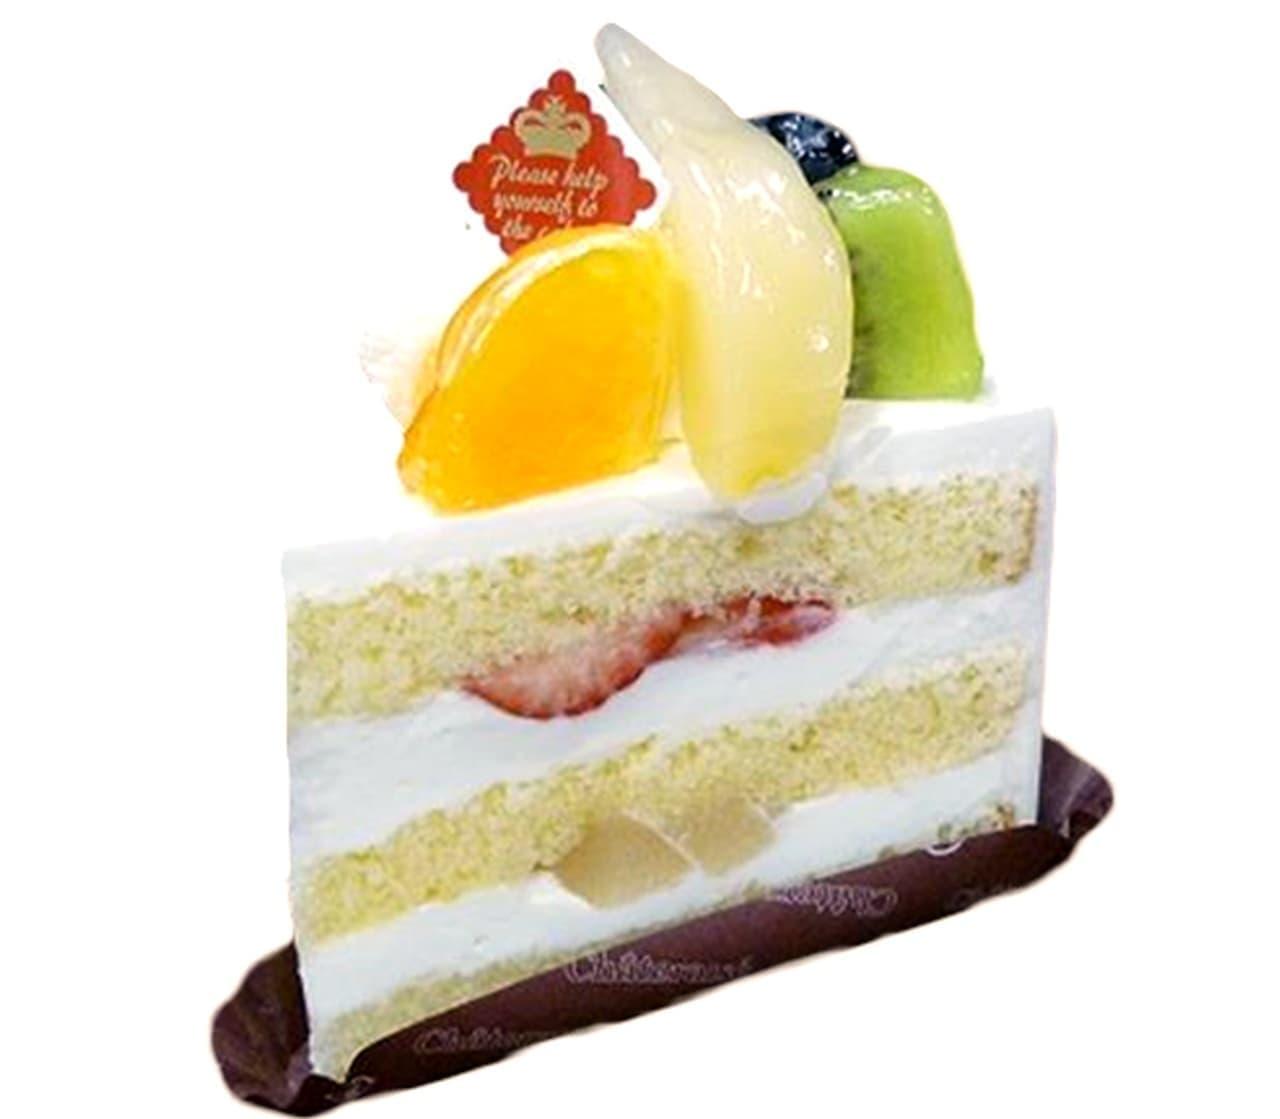 シャトレーゼ「洋梨とフルーツのプレミアムショートケーキ」